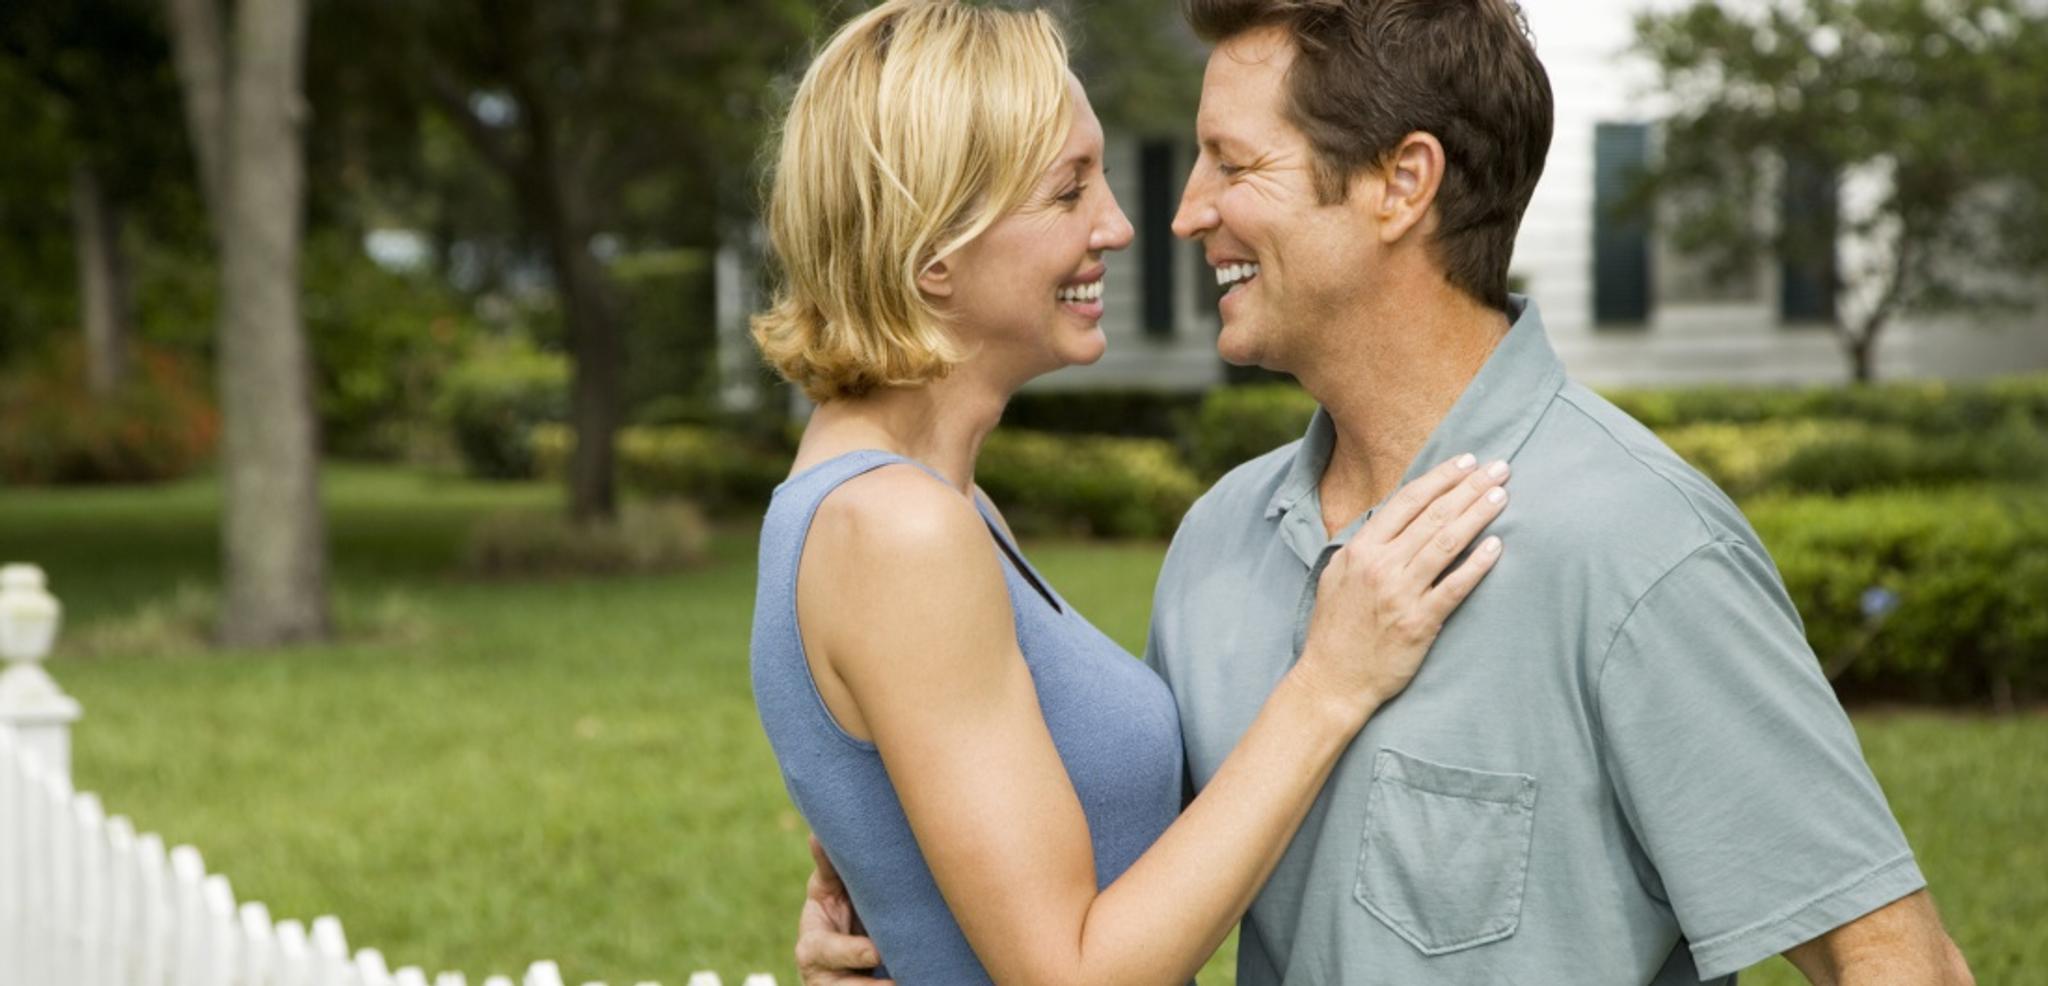 Käsittelevät dating eronnut mies